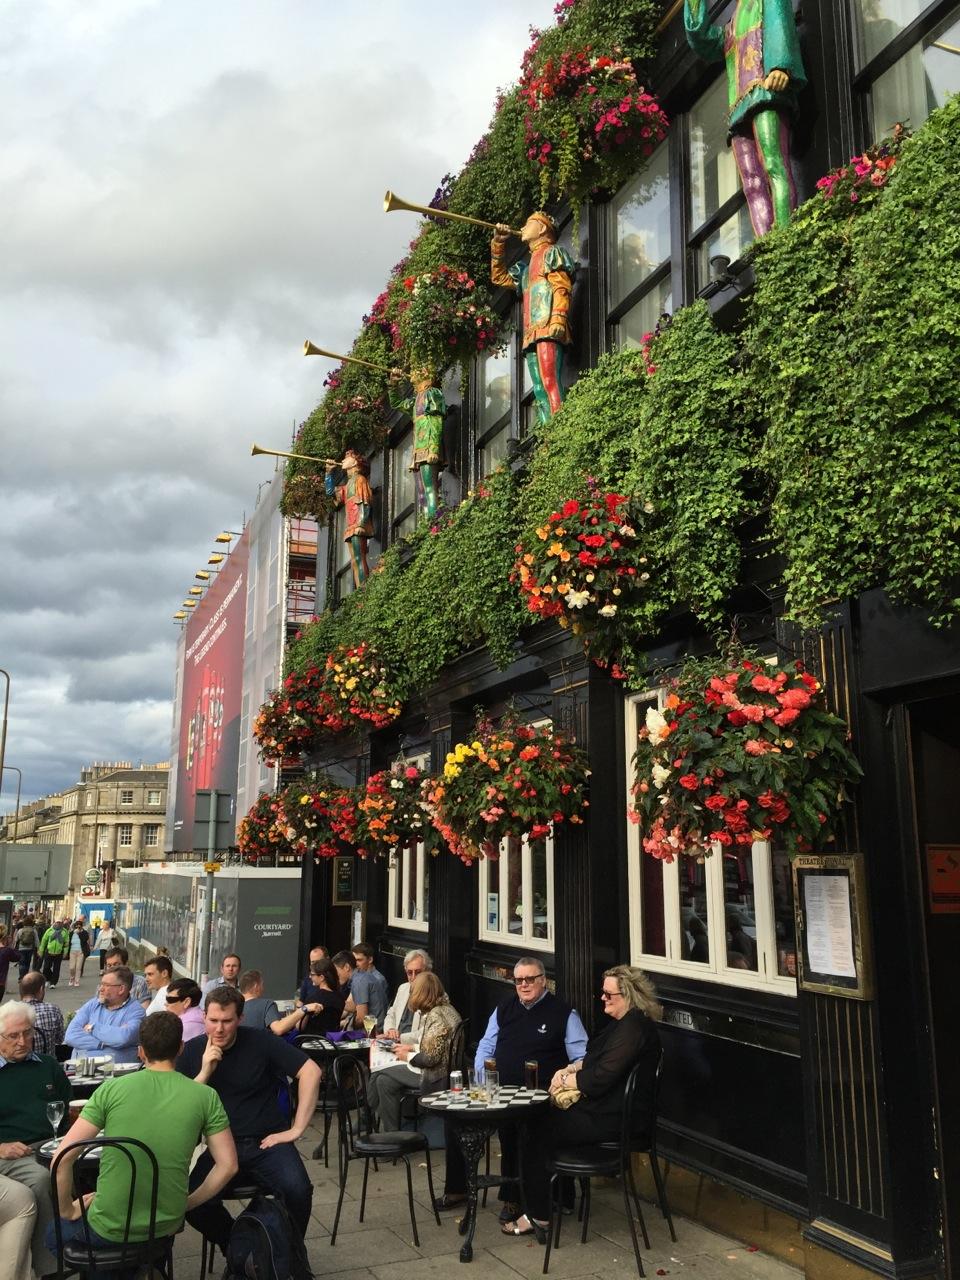 street-scene-dining-edinburgh.jpg